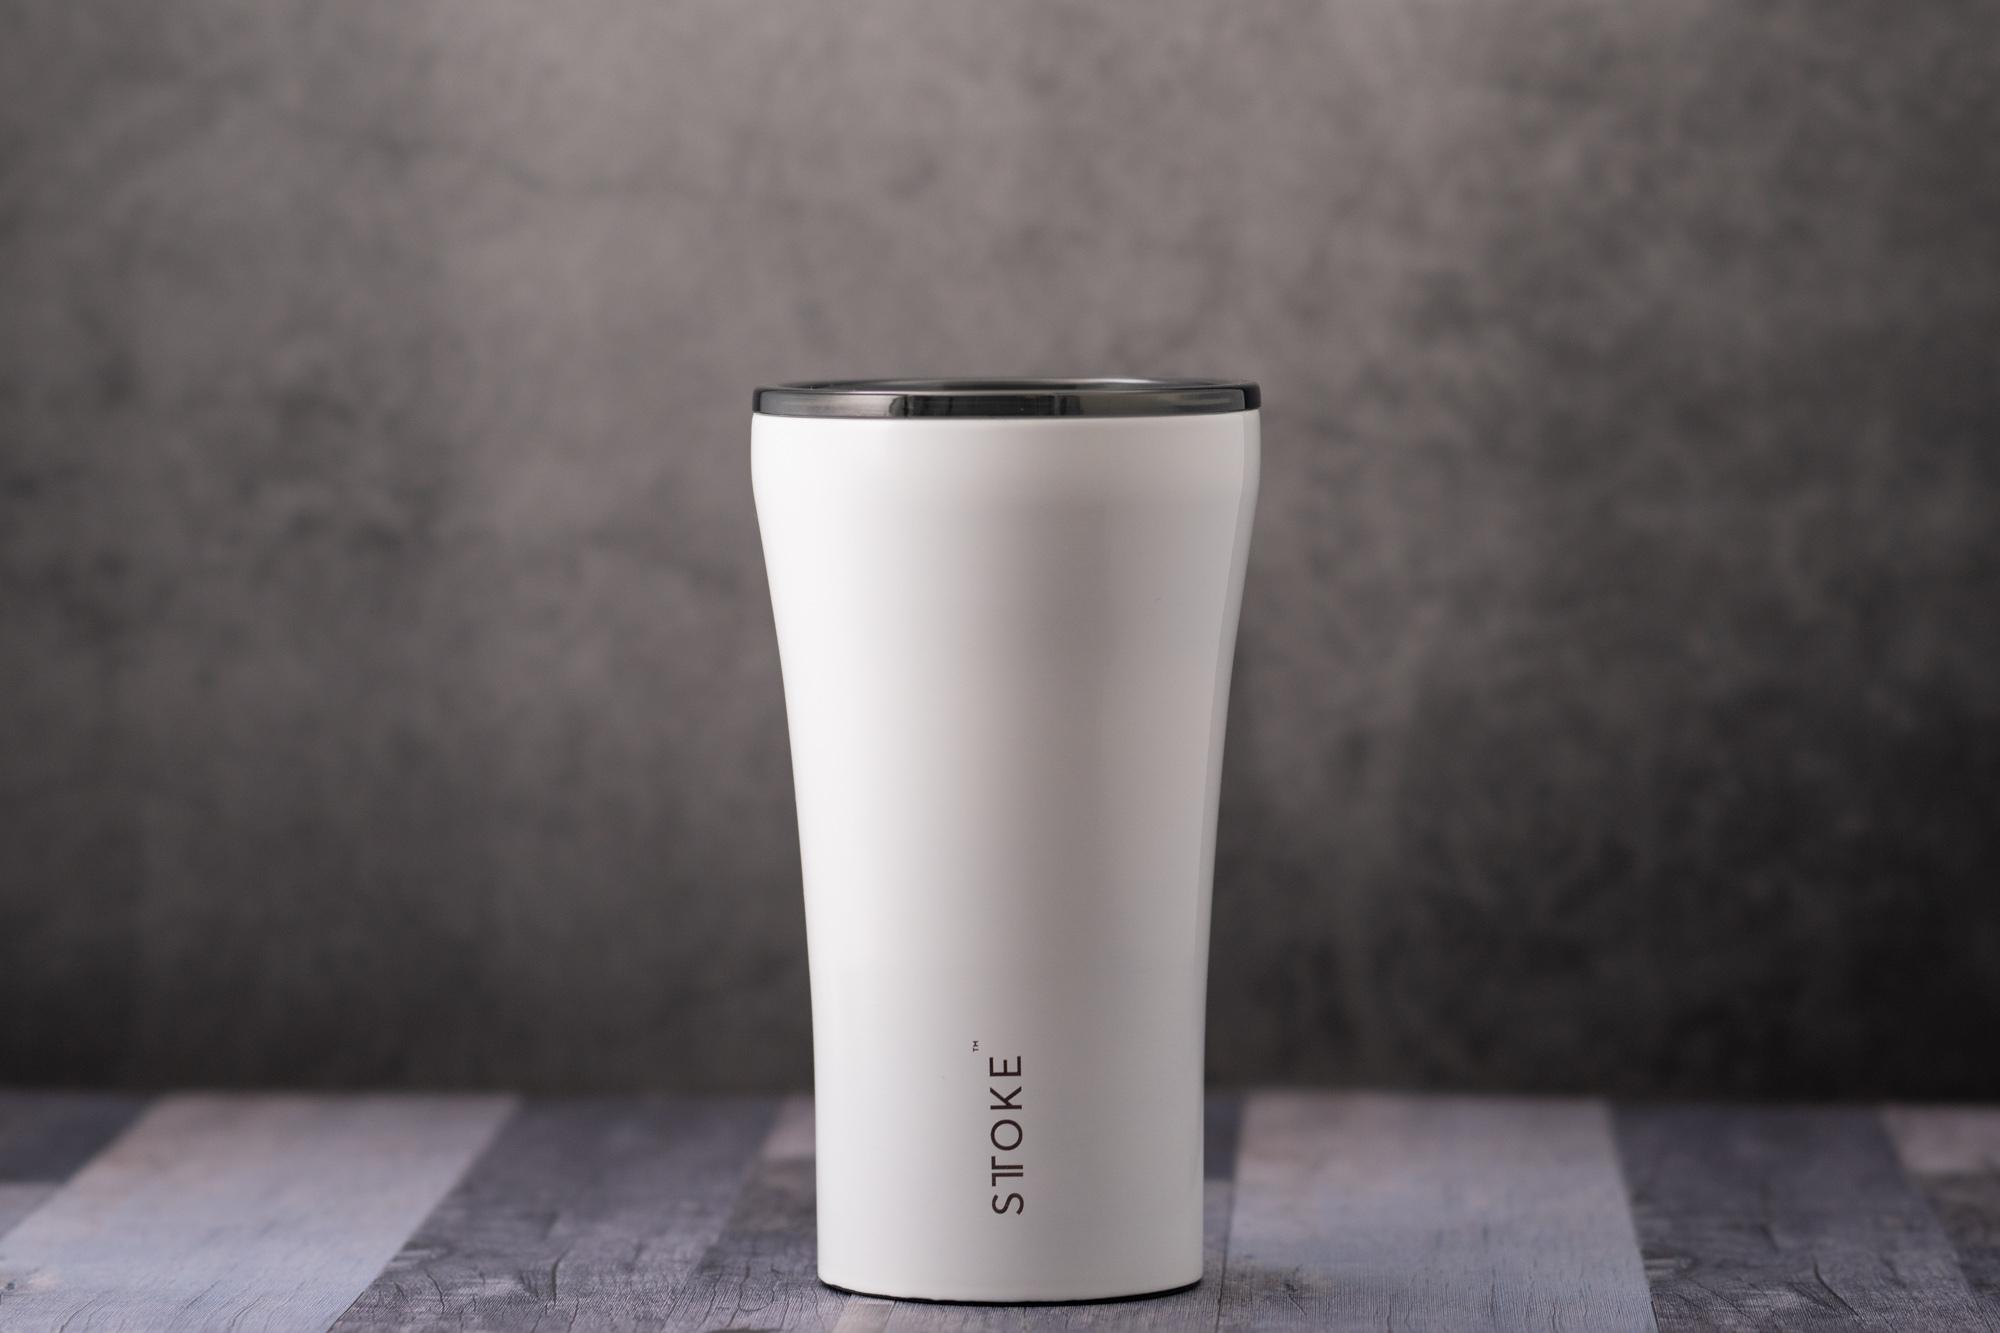 アイキャッチ:コーヒー・紅茶好き必見!繊細な香りを楽しめるセラミック加工の …